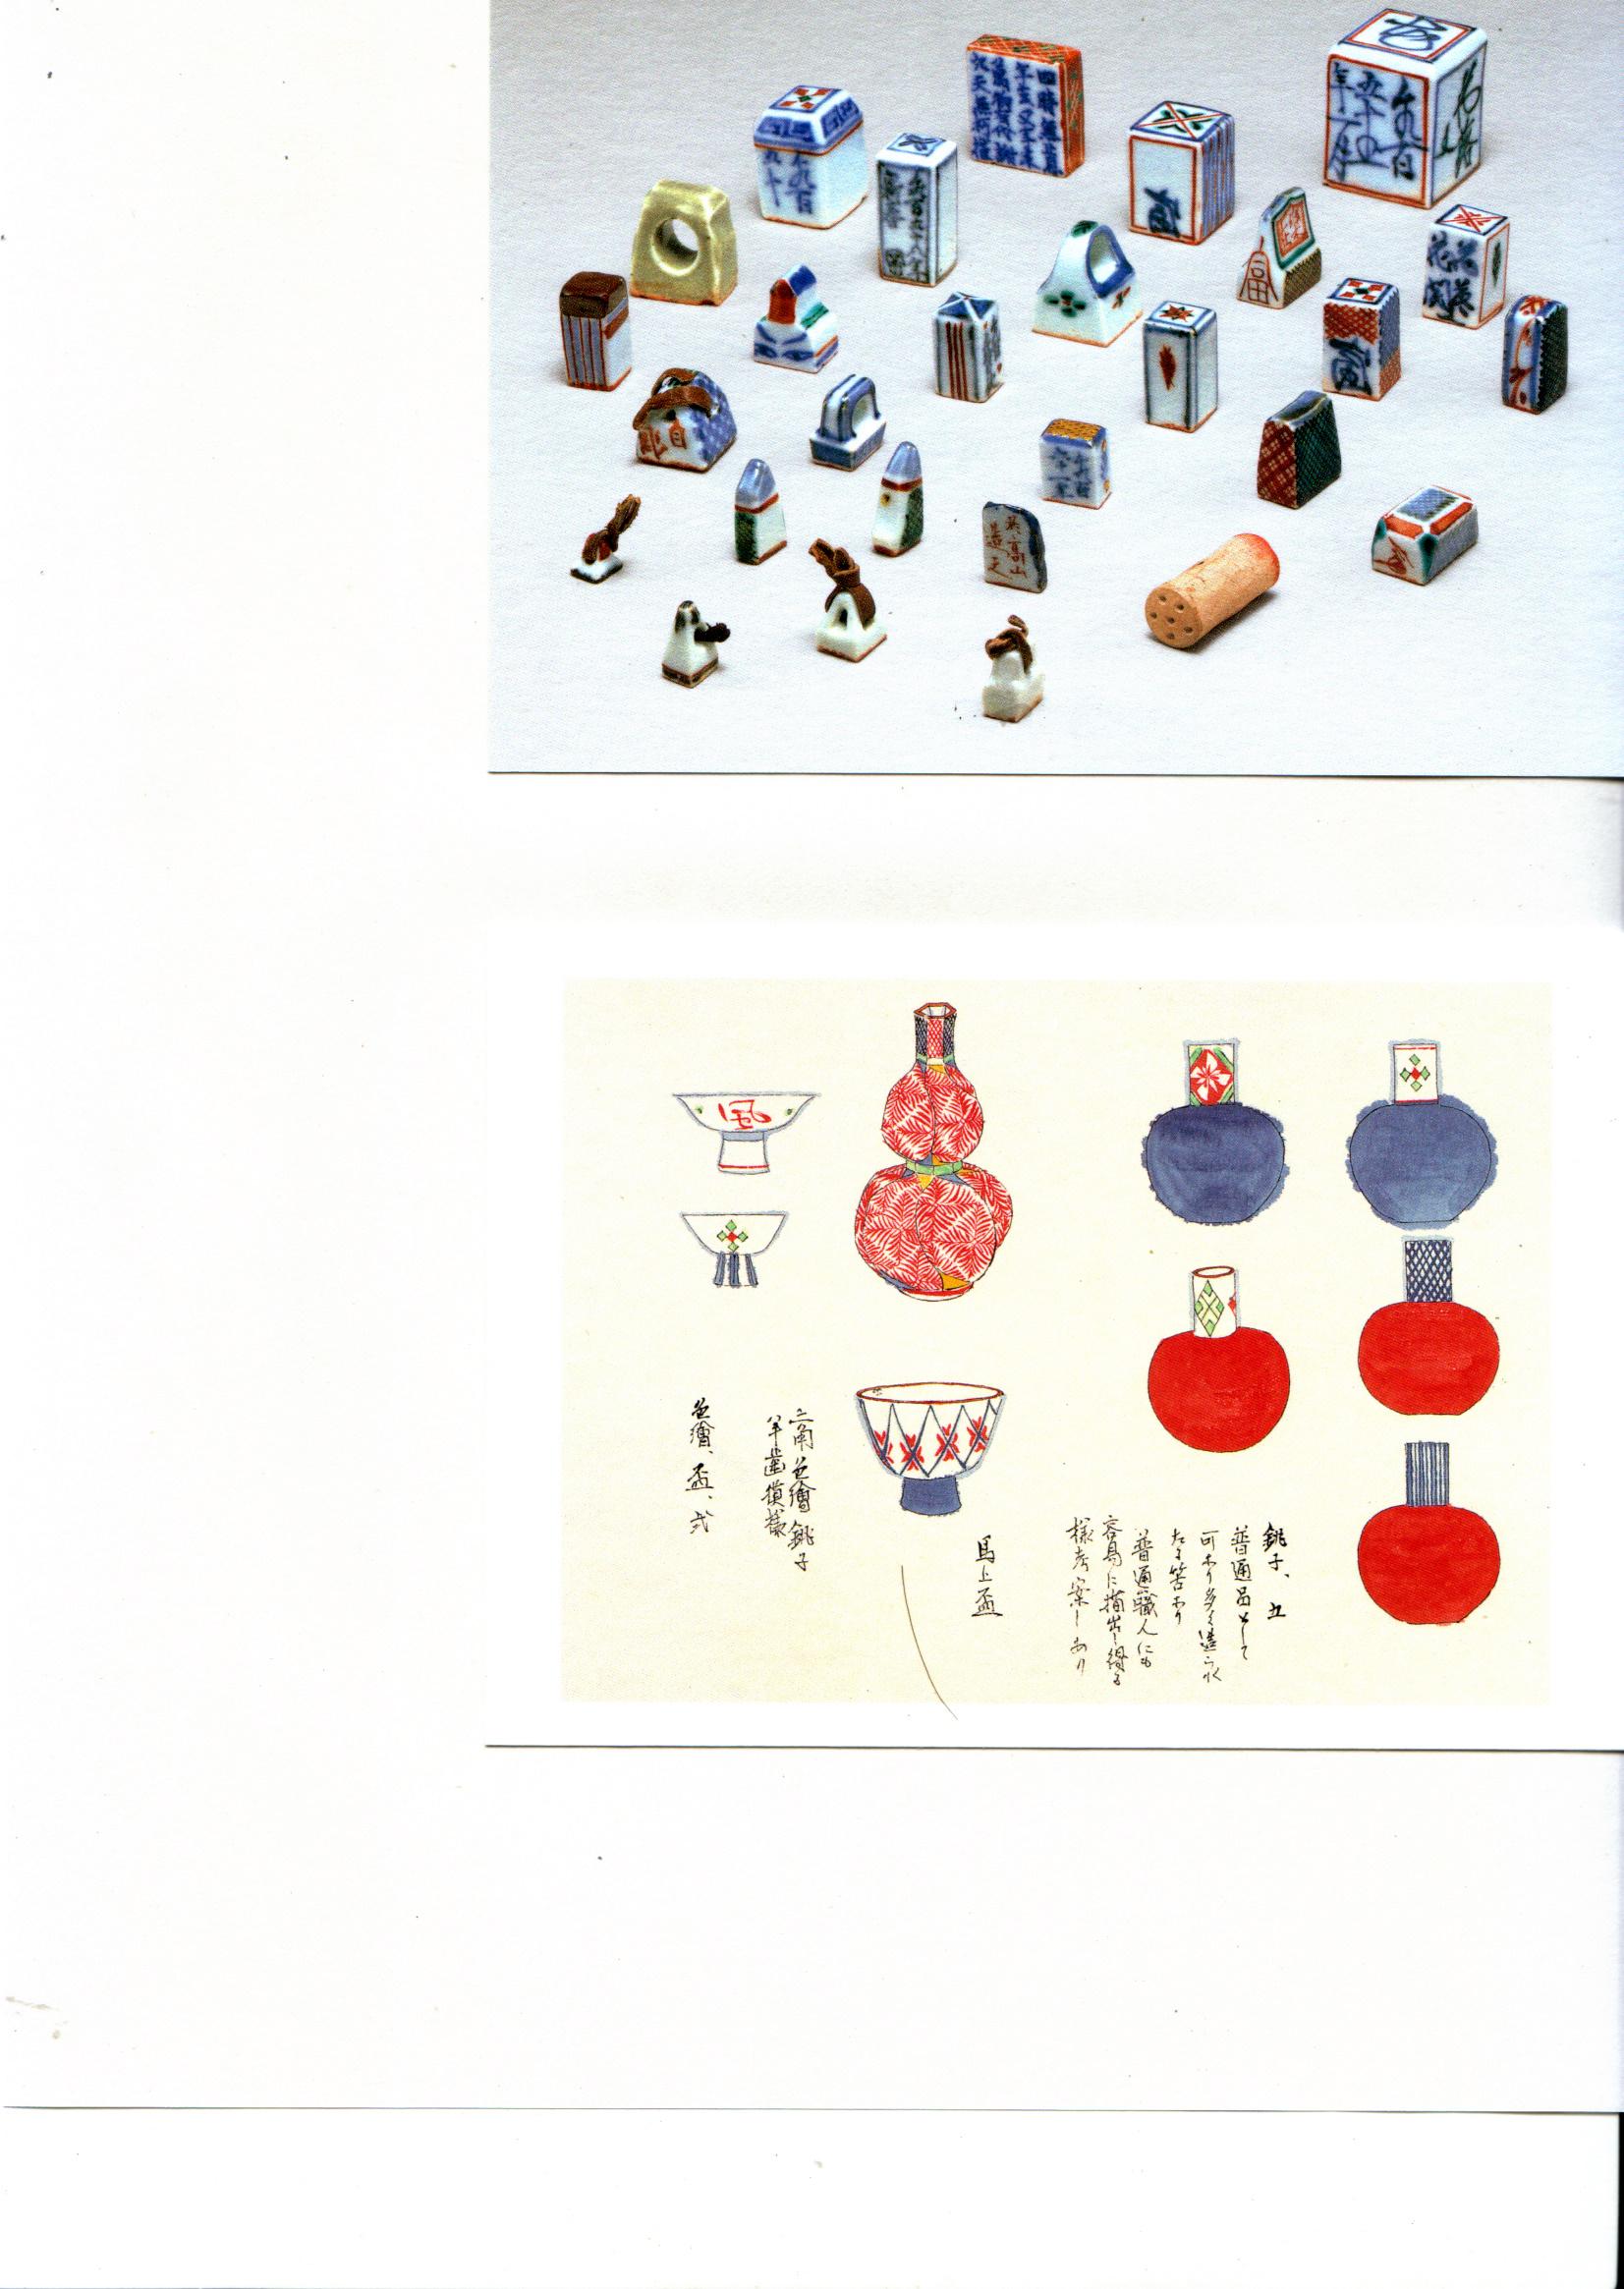 富本憲吉展の葉書、上:陶印、下:酒器の図案